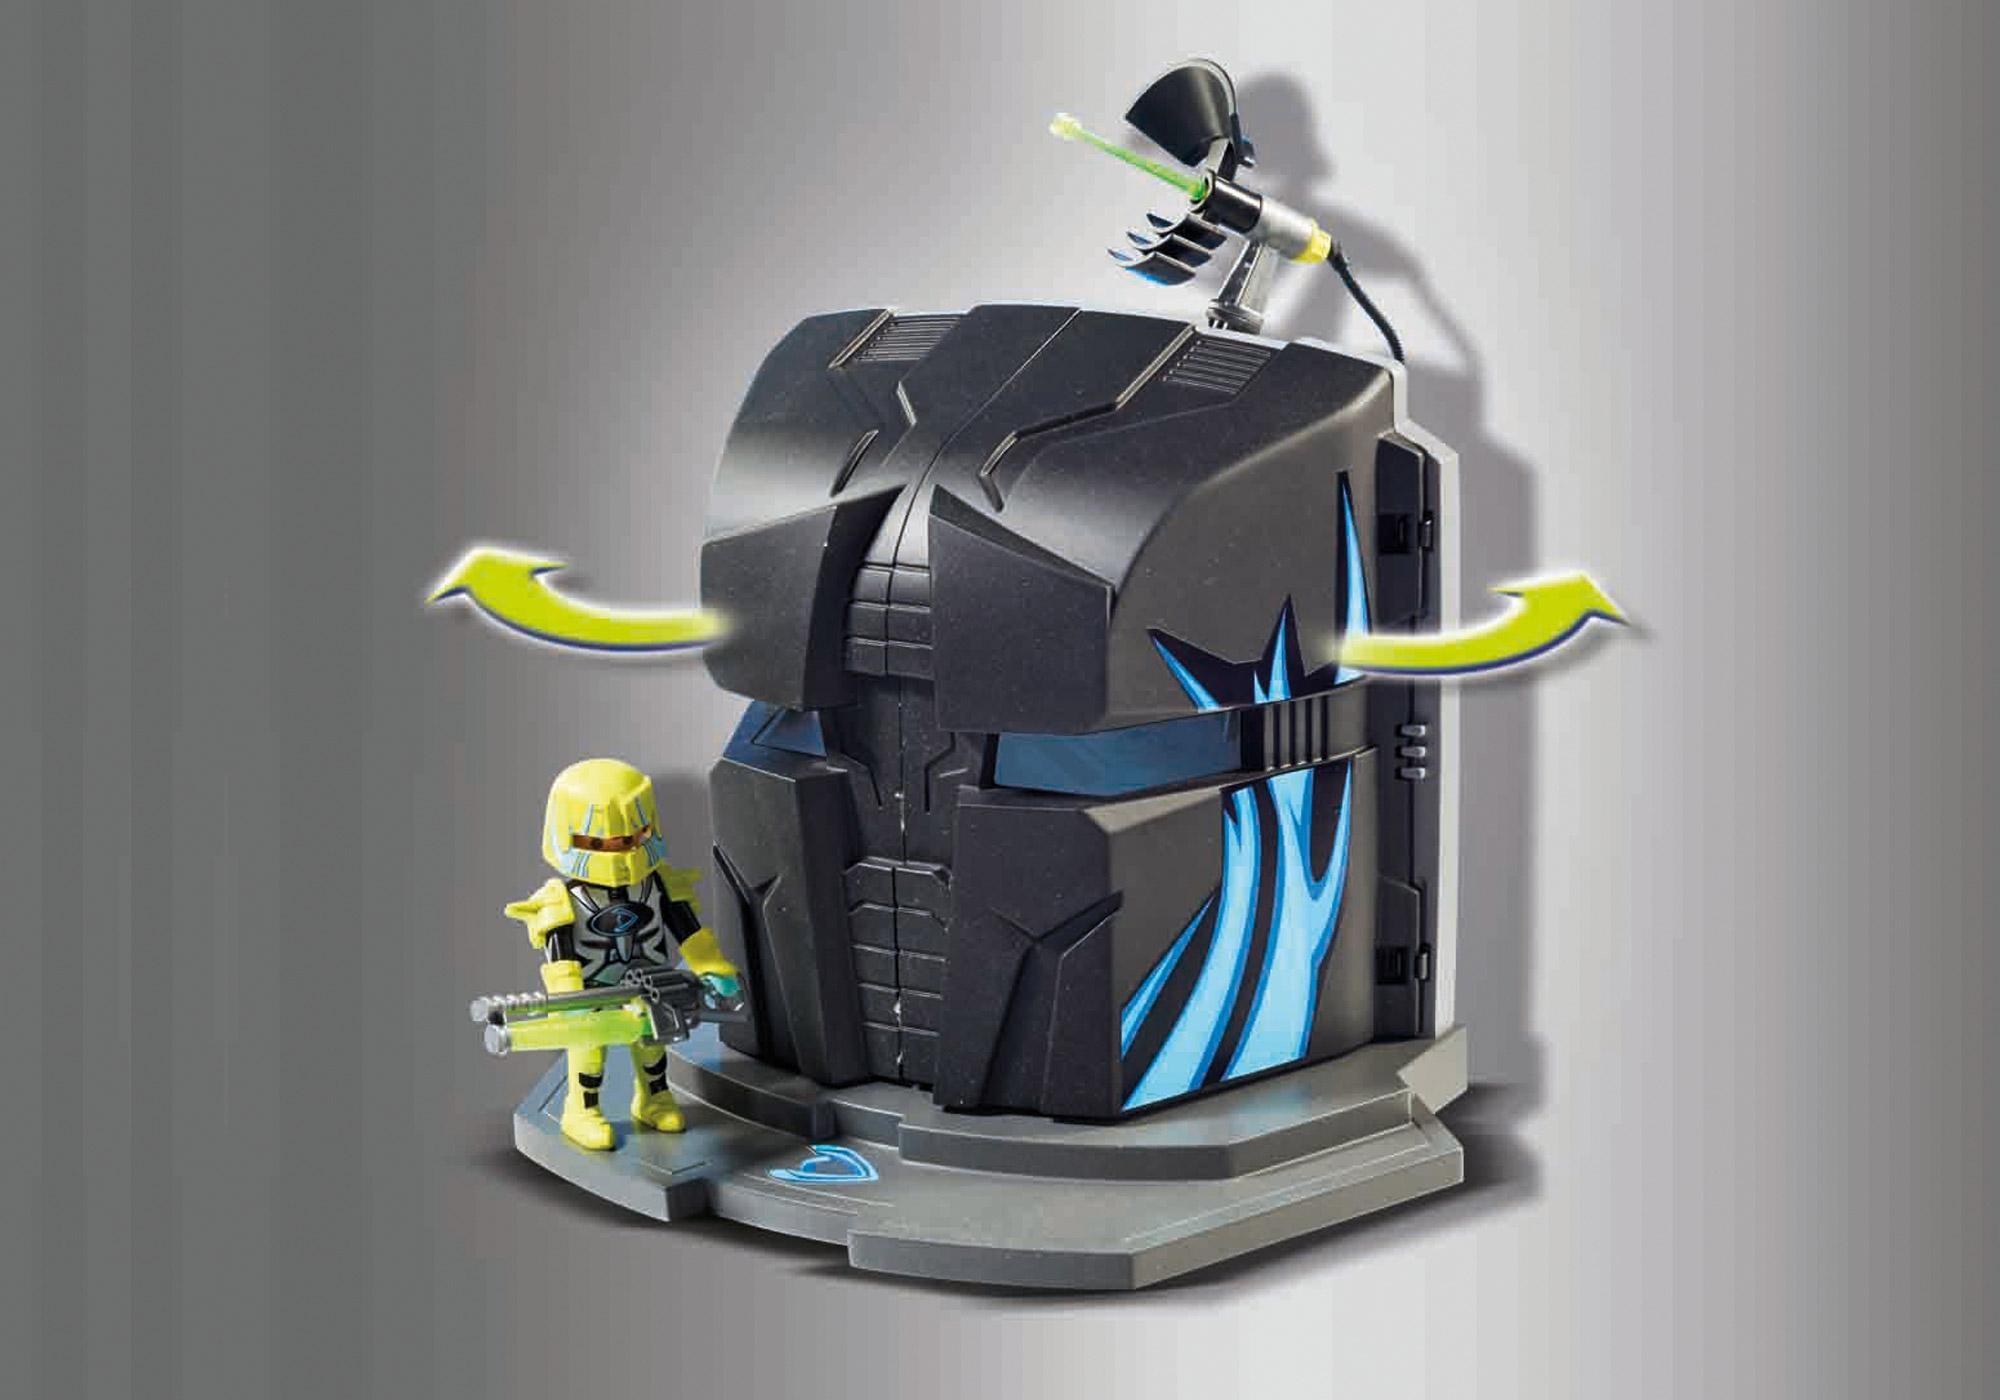 http://media.playmobil.com/i/playmobil/9250_product_extra3/Centrum dowodzenia Dr. Drone'a